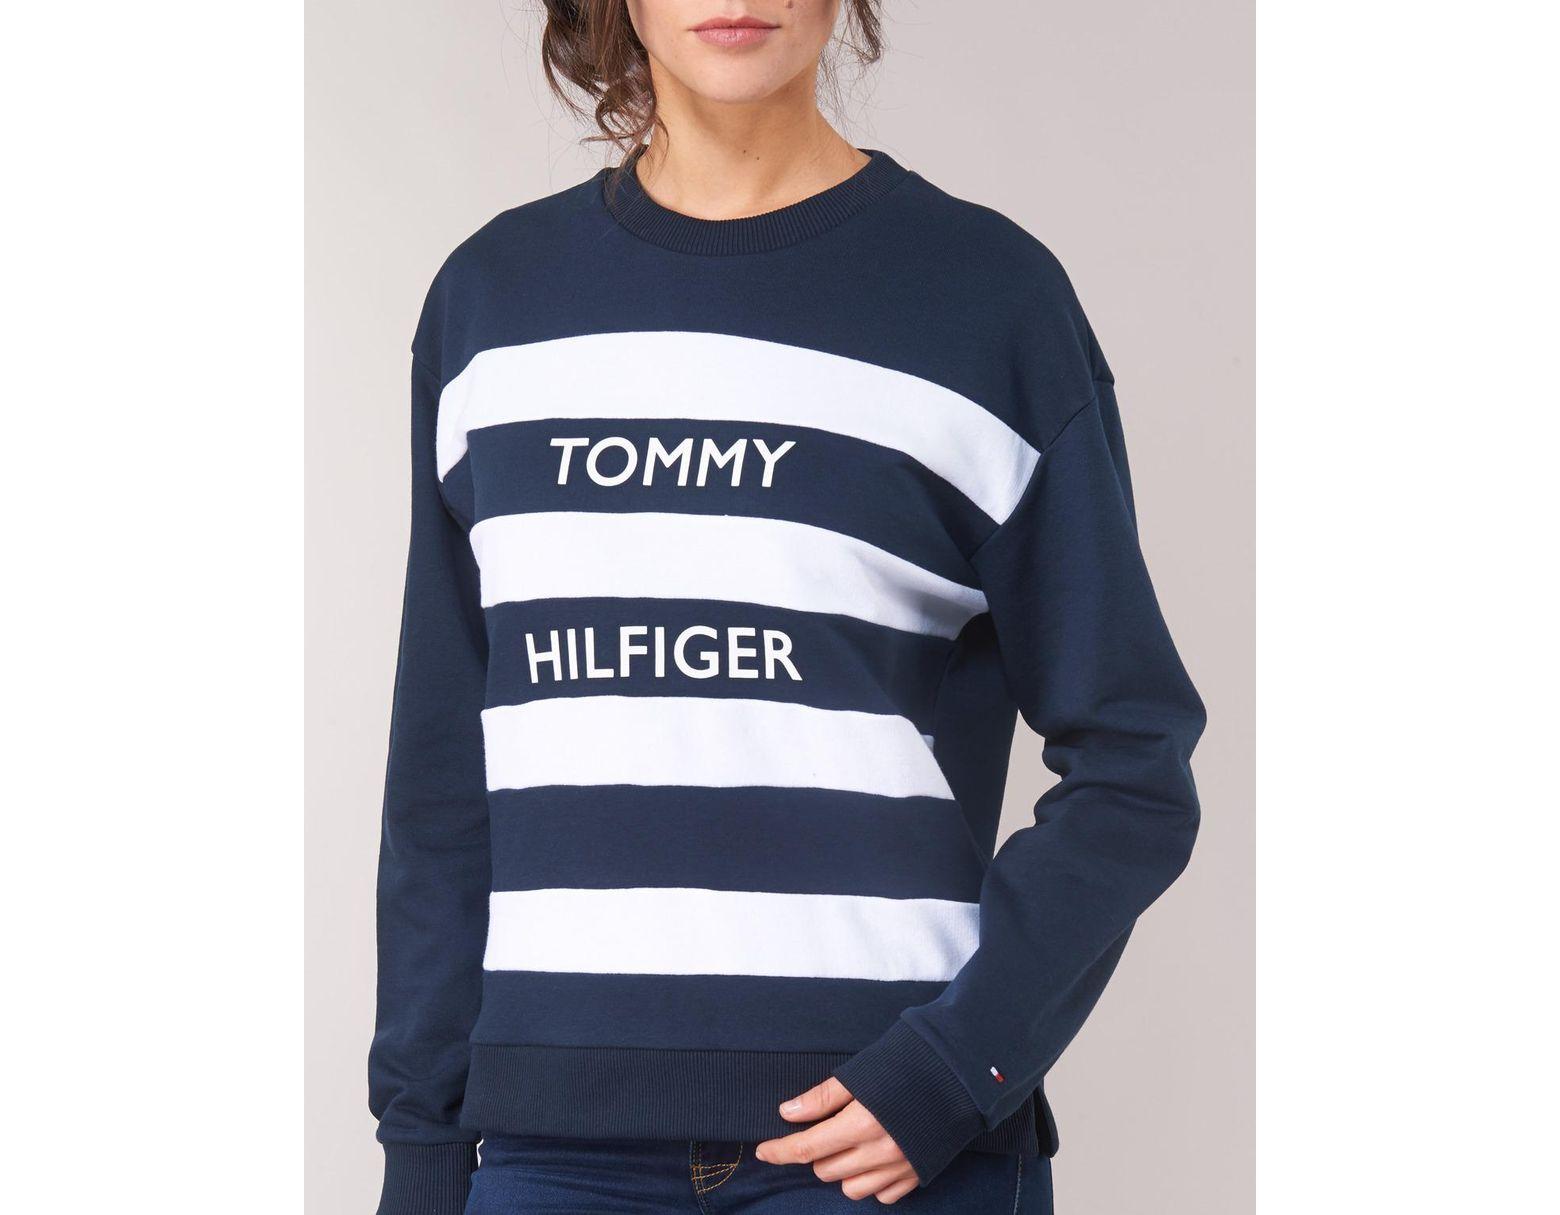 a1028b2b Tommy Hilfiger Kendra C-nk Sweat Women's Sweatshirt In Blue in Blue - Save  5% - Lyst